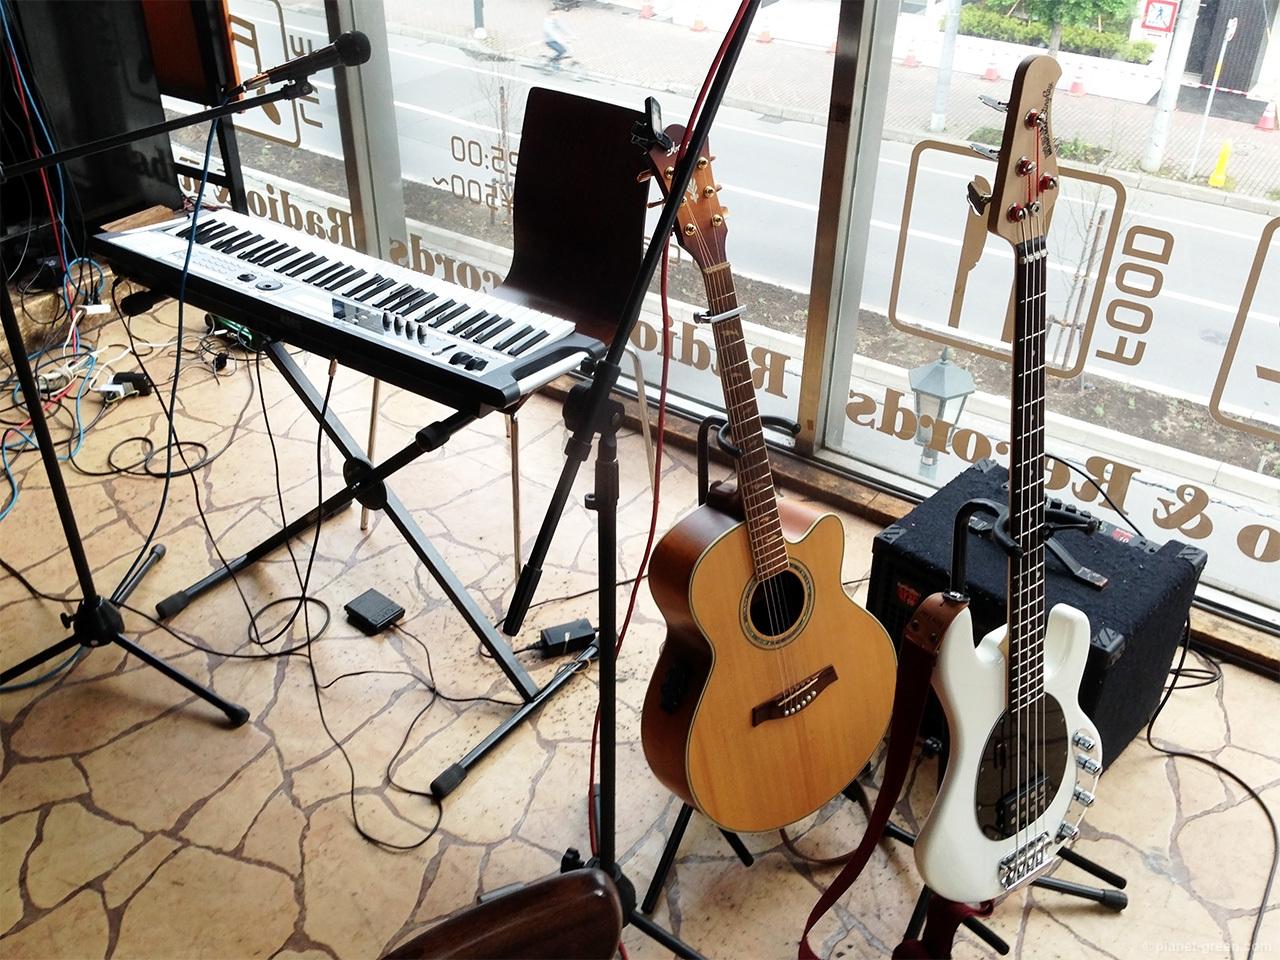 Musicmanスティングレイ - ミニライブにて